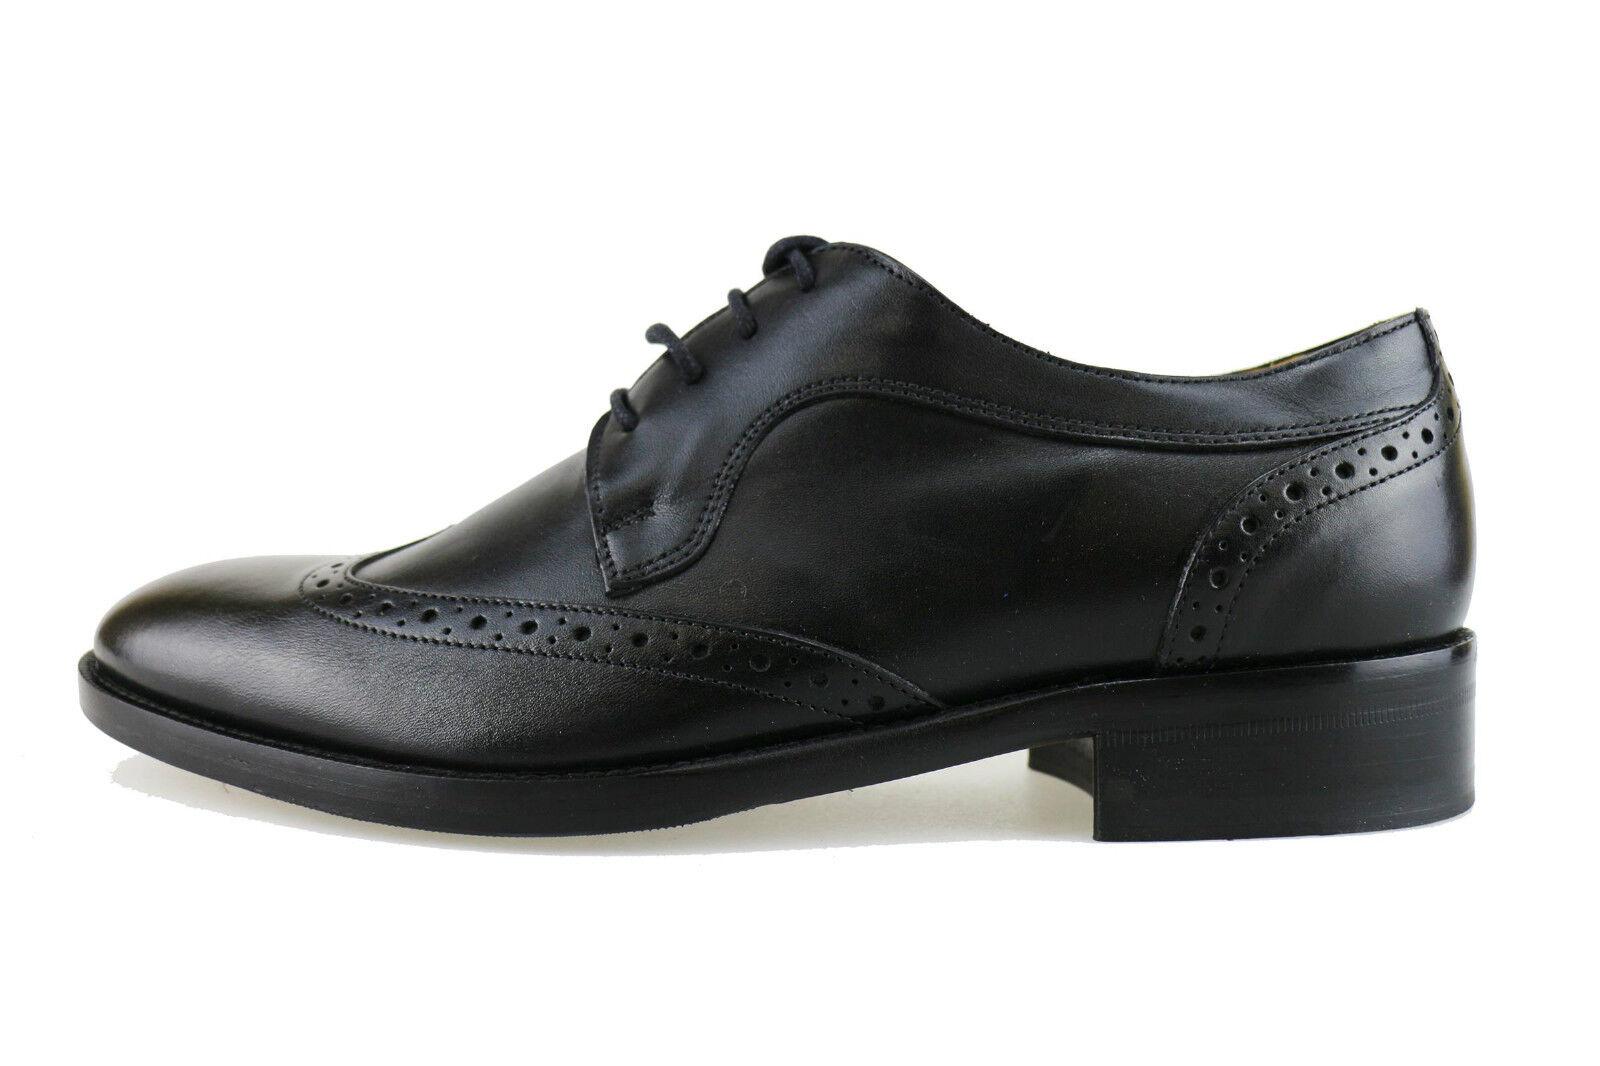 Herren schuhe HILTON AH910-B 42 elegante leder schwarz AH910-B HILTON c37674